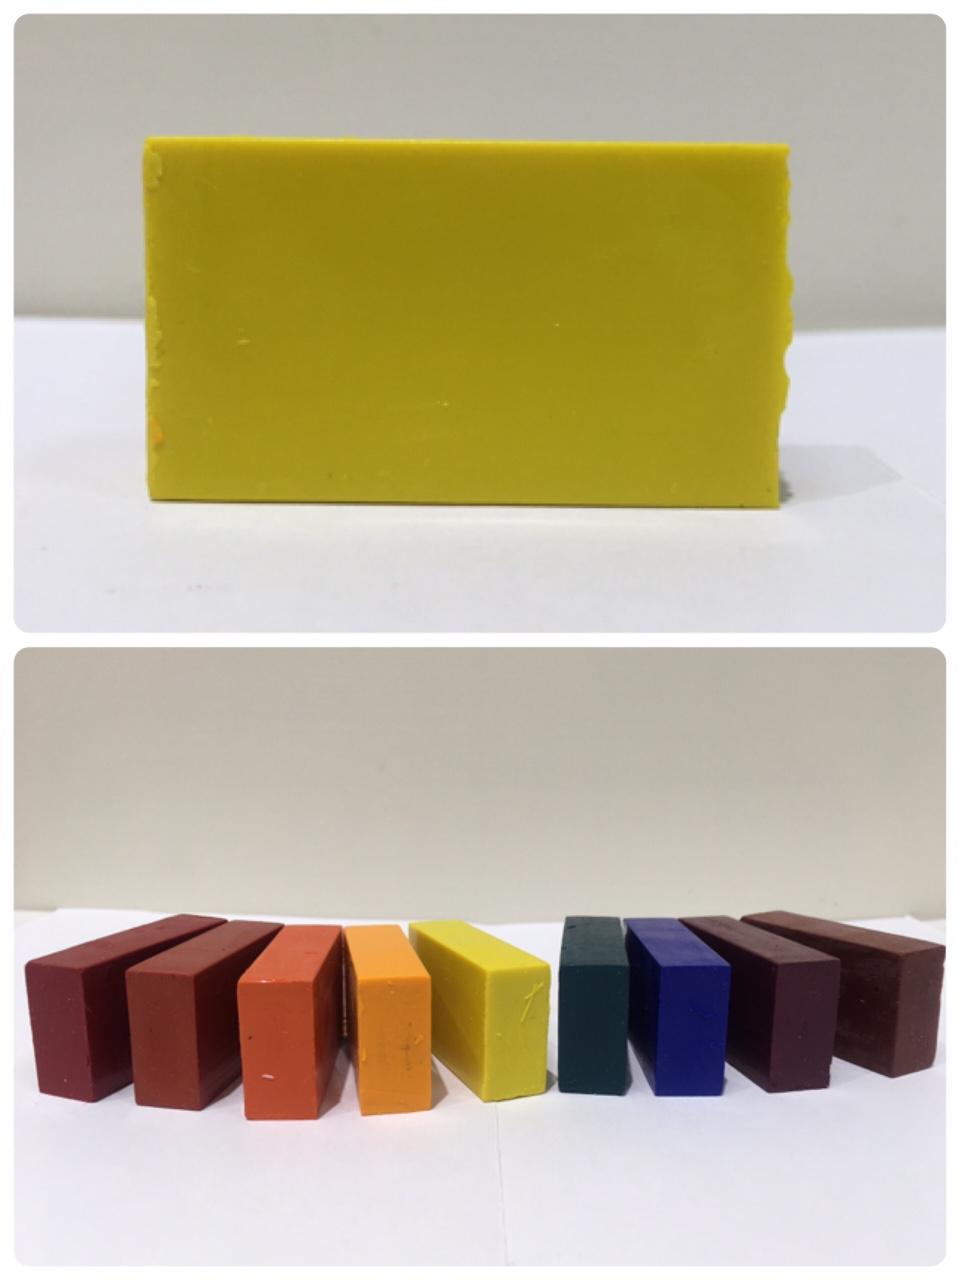 德國史都曼 Stockmar蠟磚-單色/塊 (05號-檸檬黃)